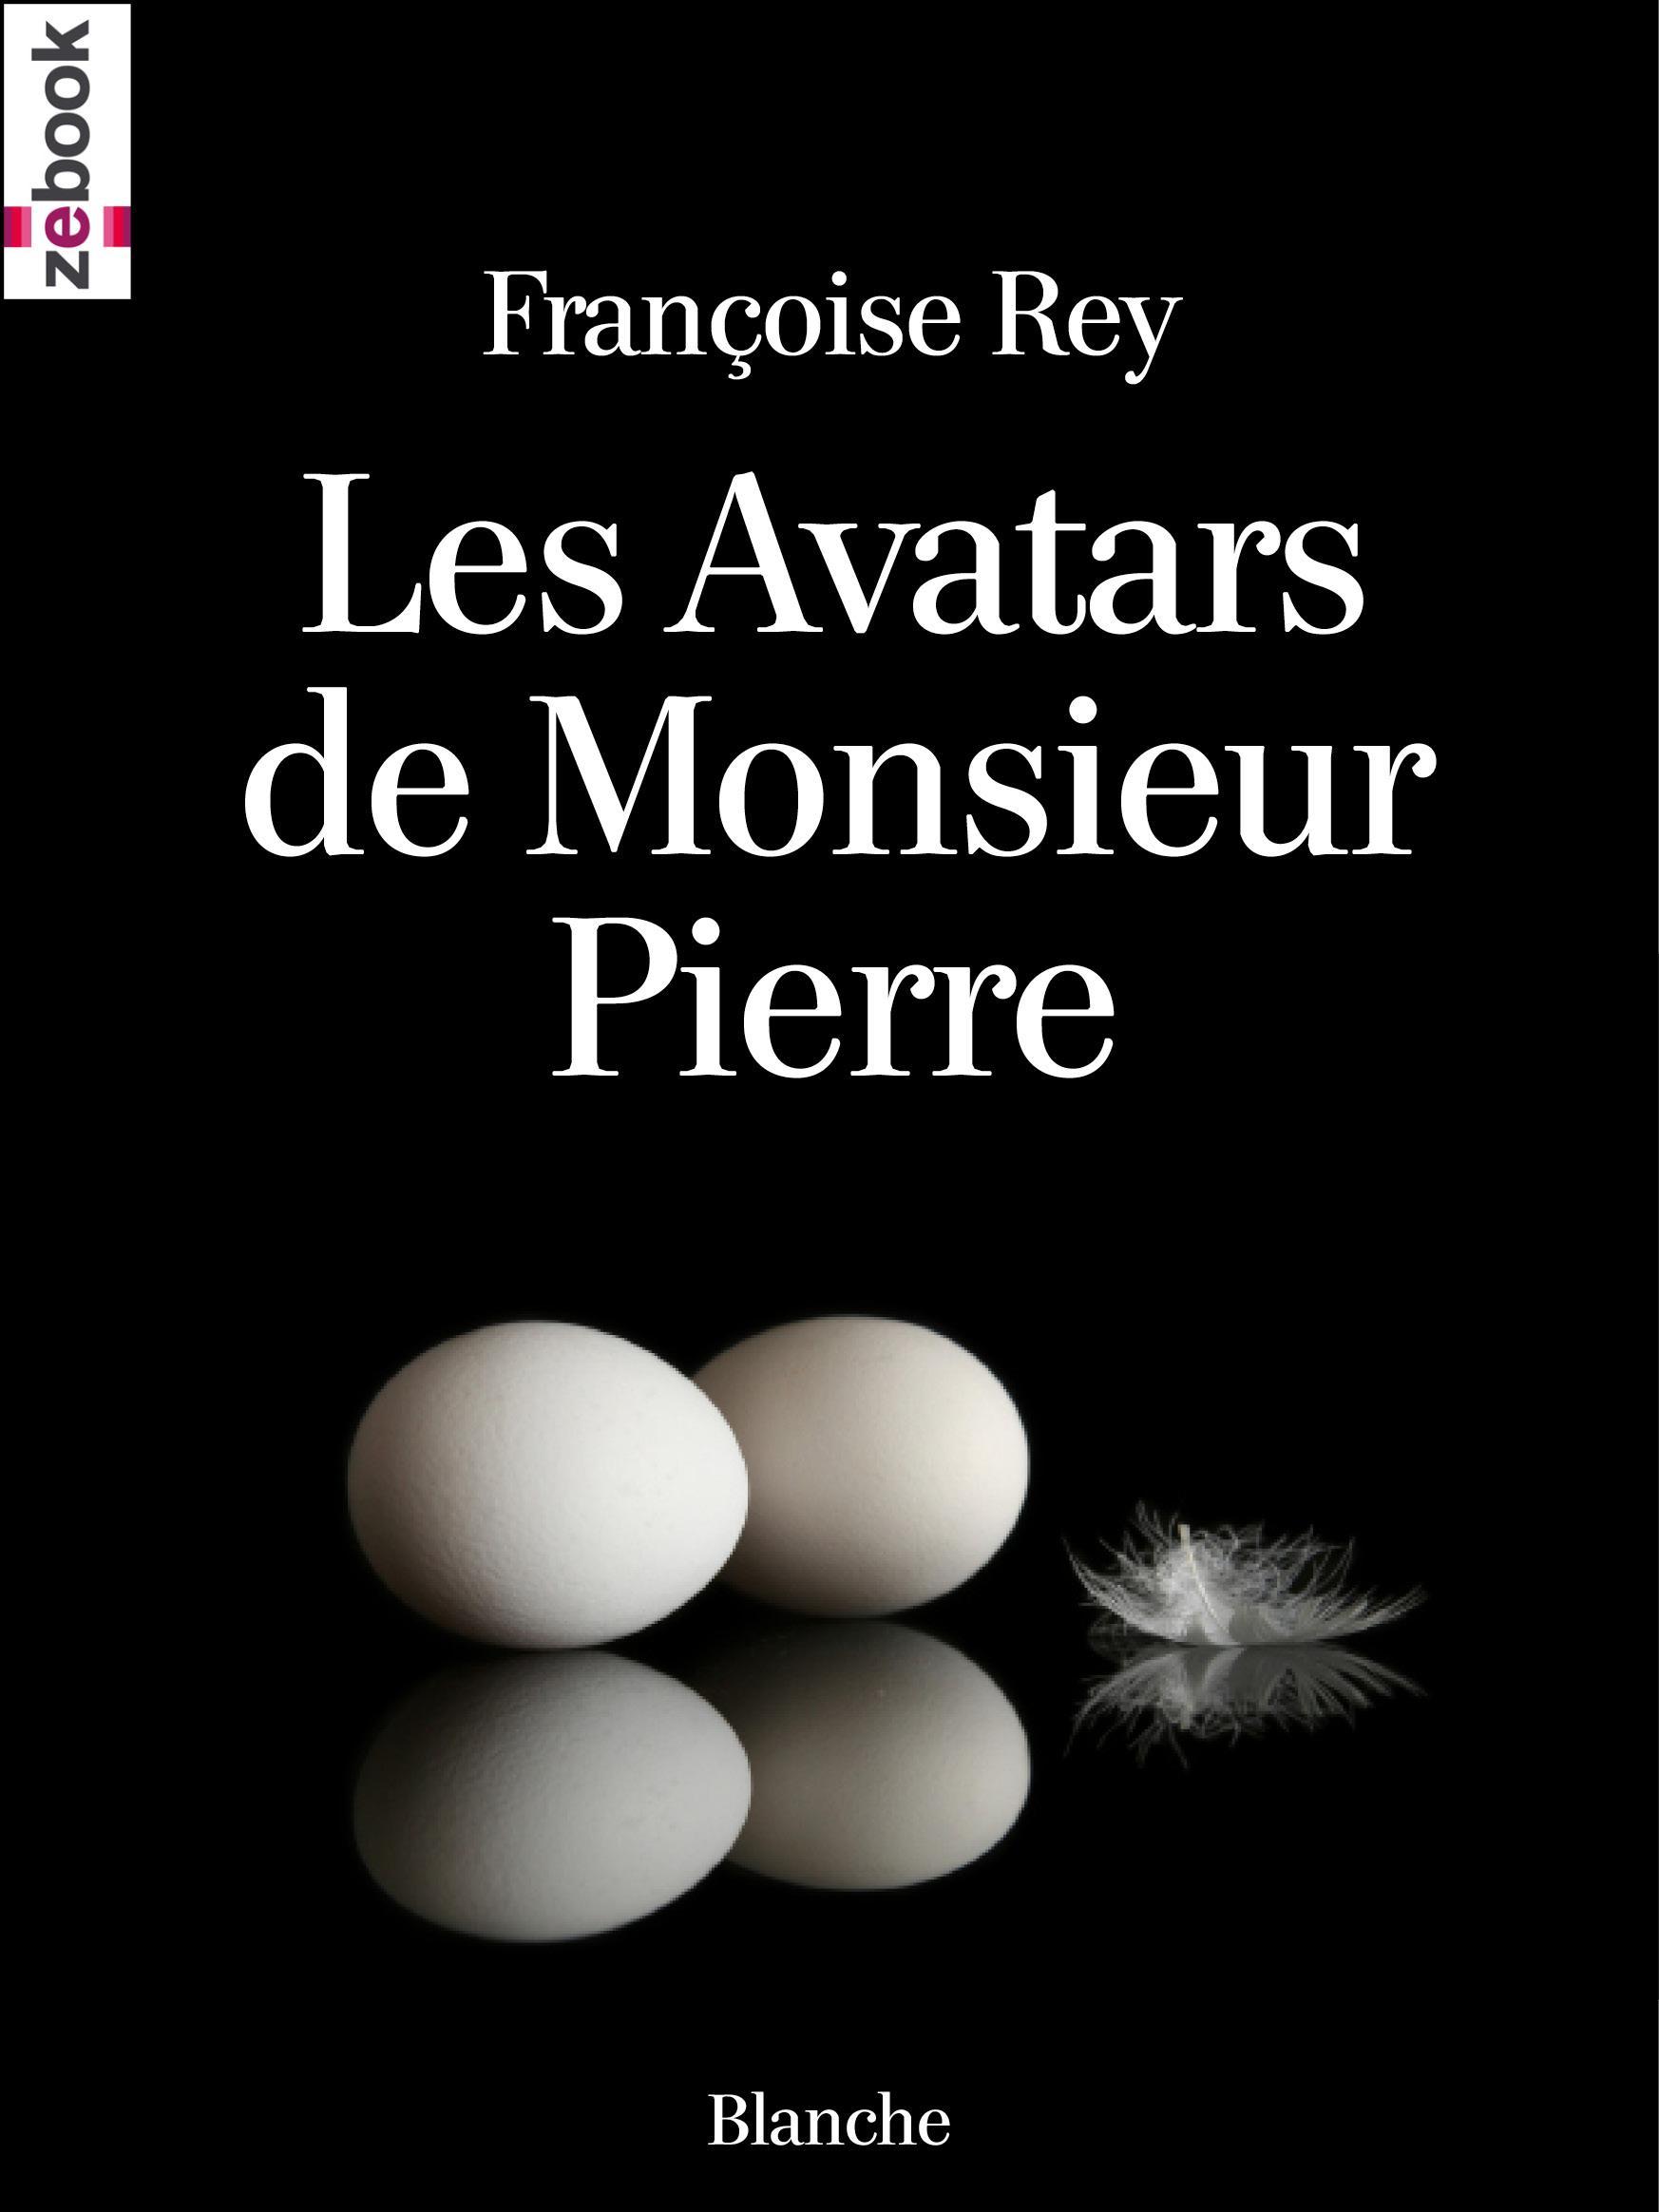 Les avatars de Monsieur Pierre